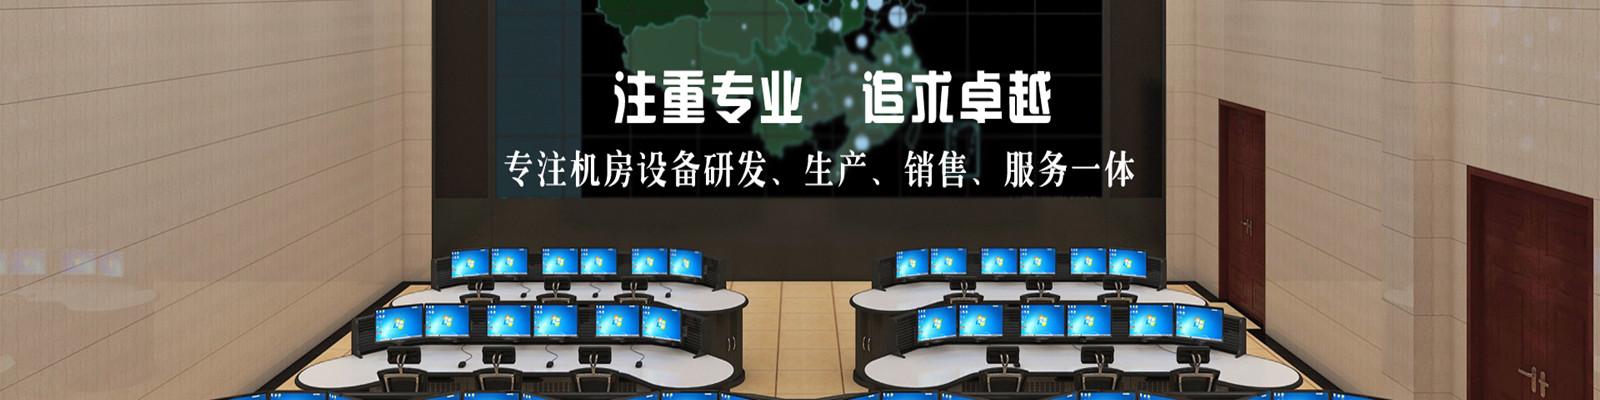 云南国安机电设备有限公司